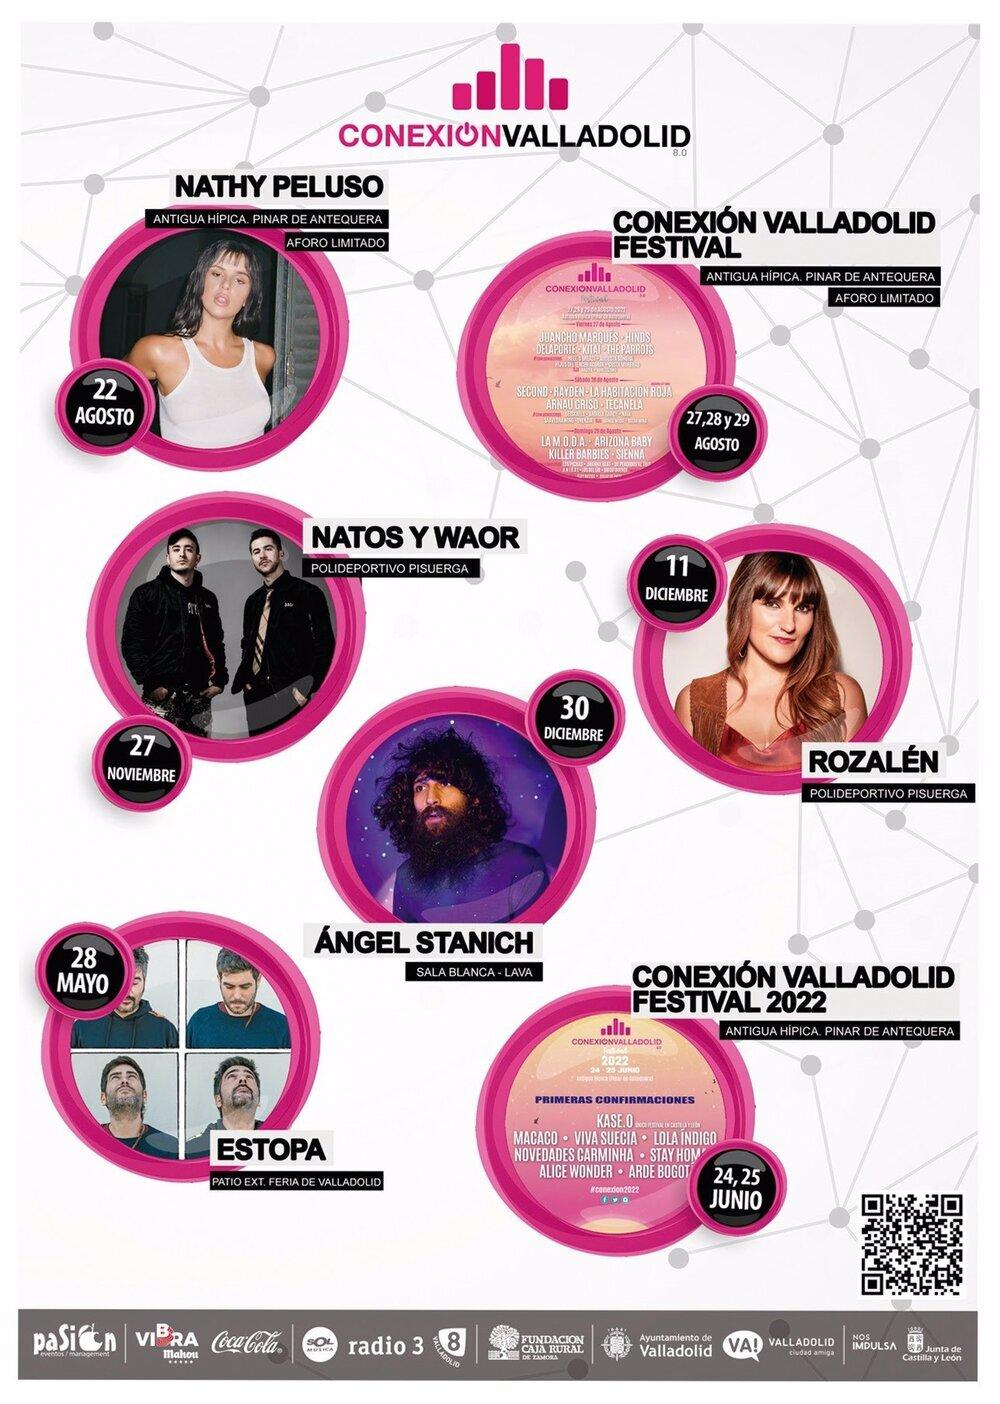 Rozalén dará un concierto el 11 de diciembre en Valladolid